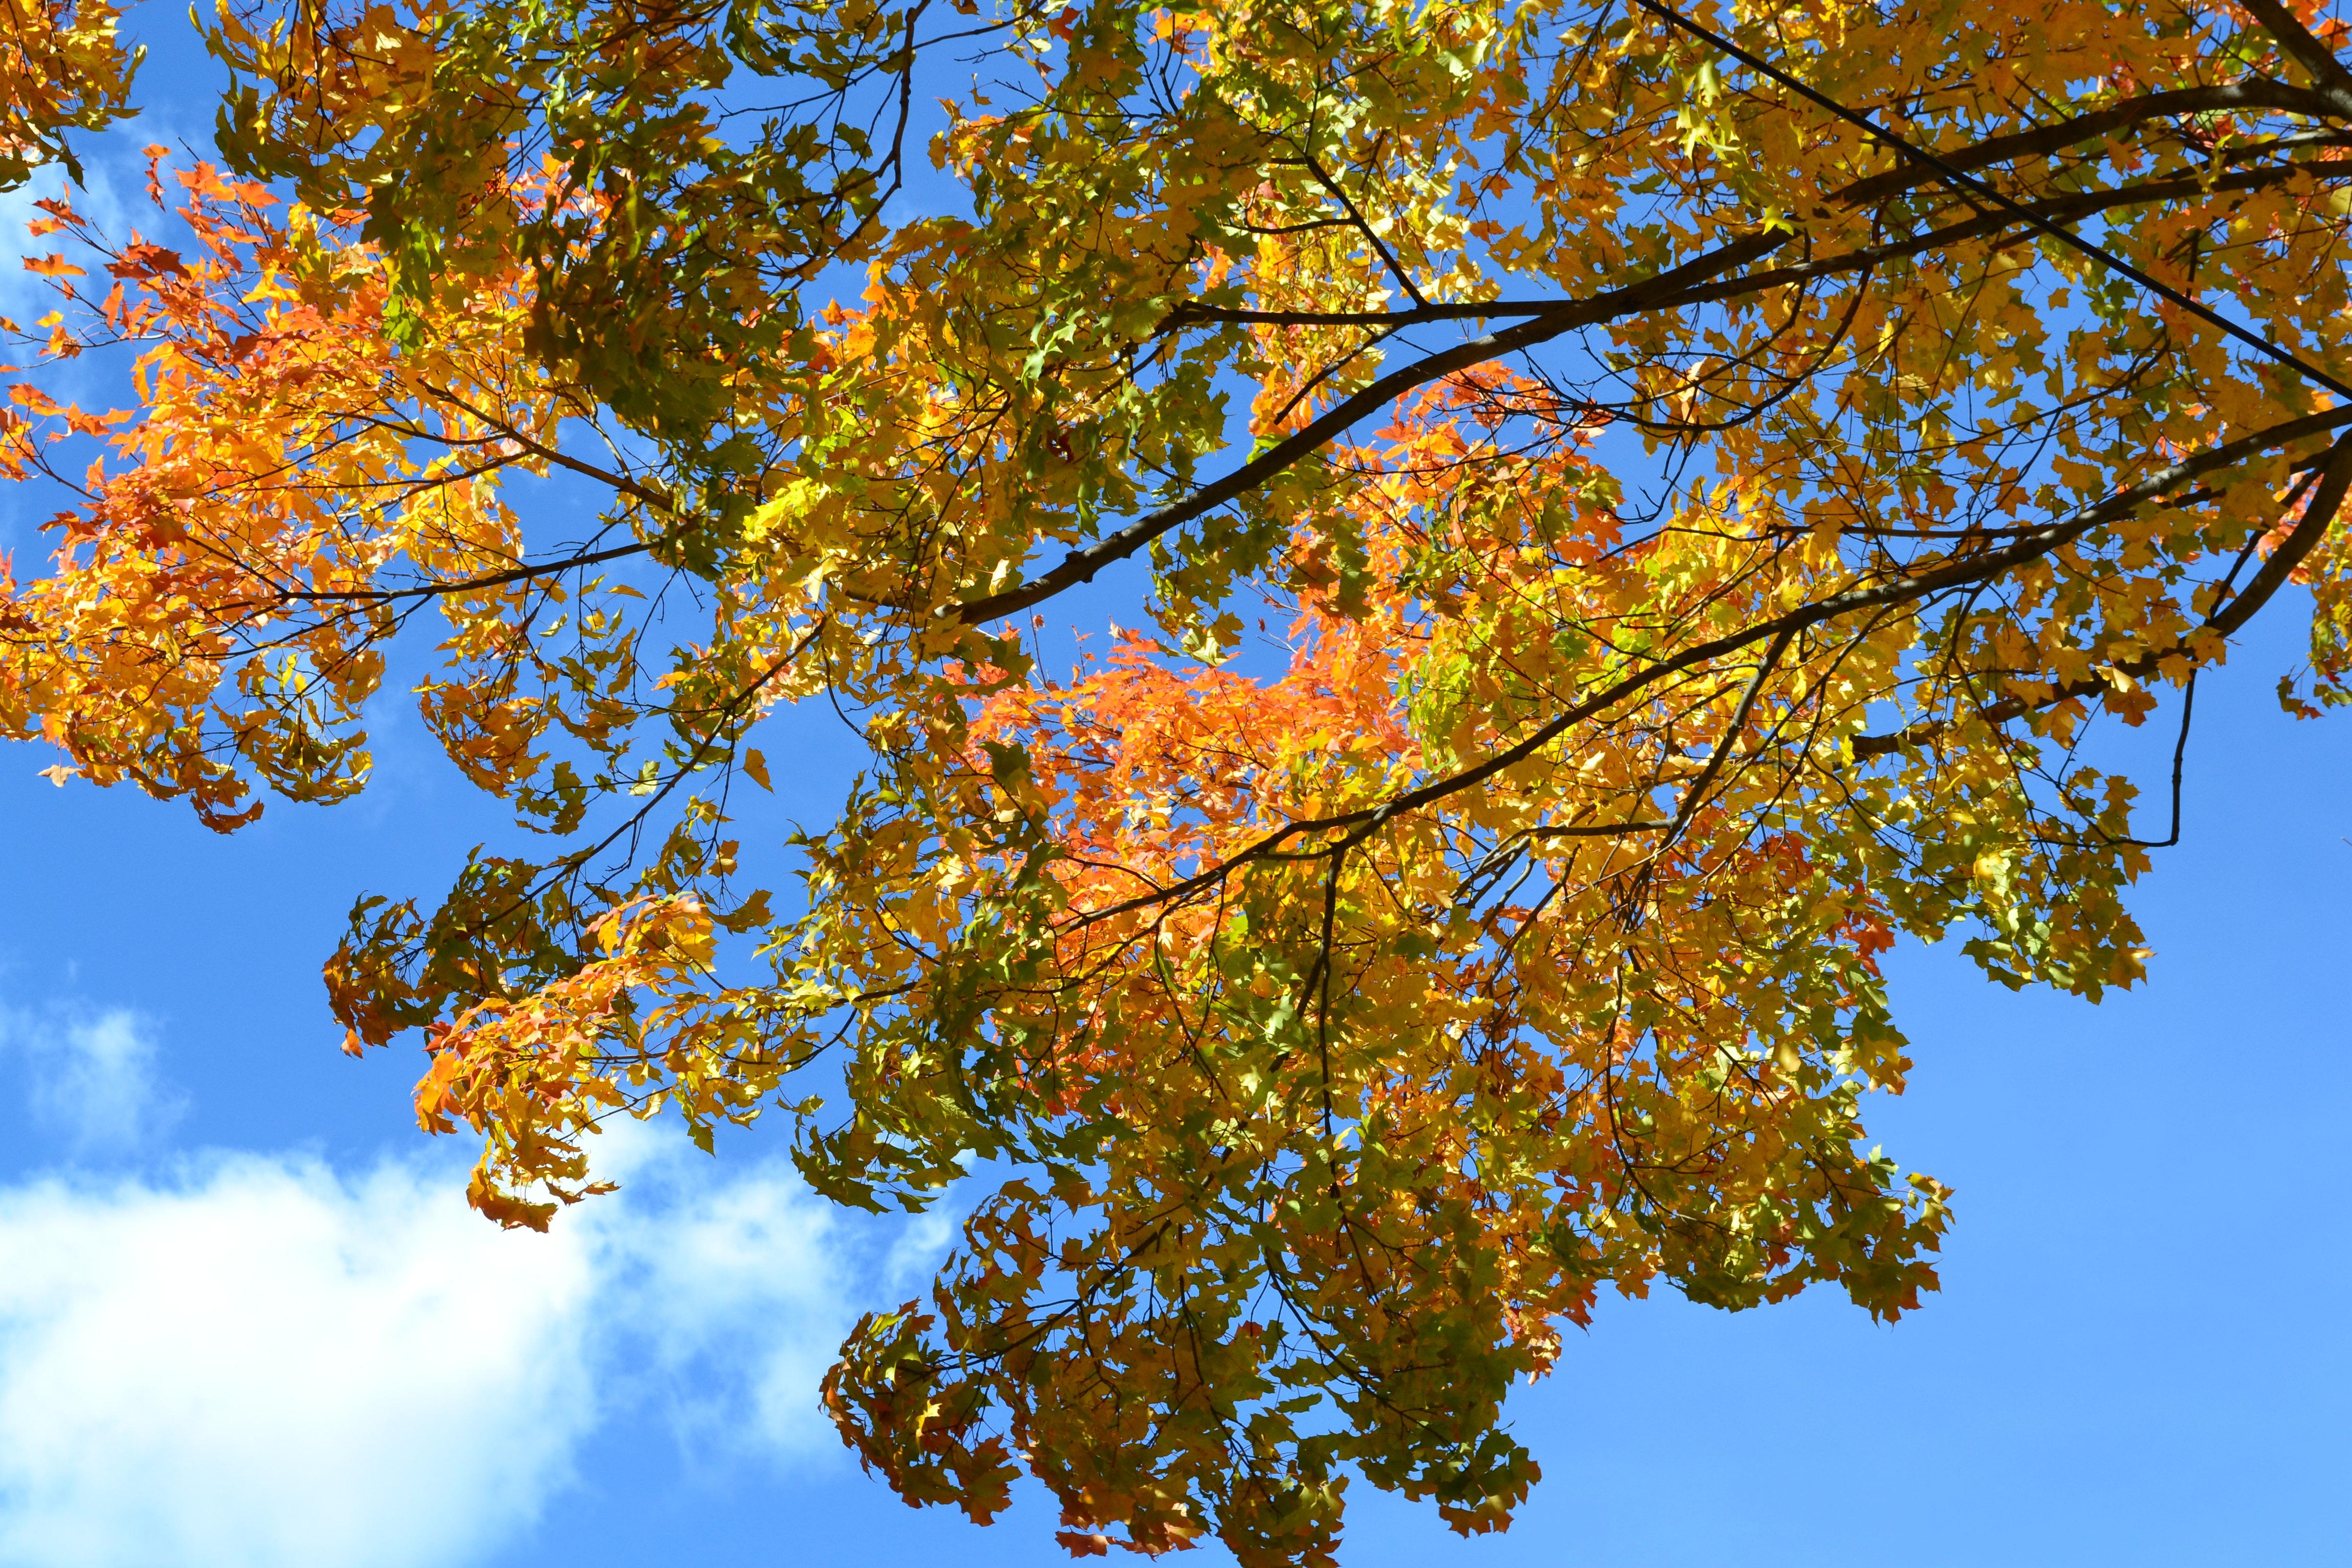 Fall foliage 2013 2